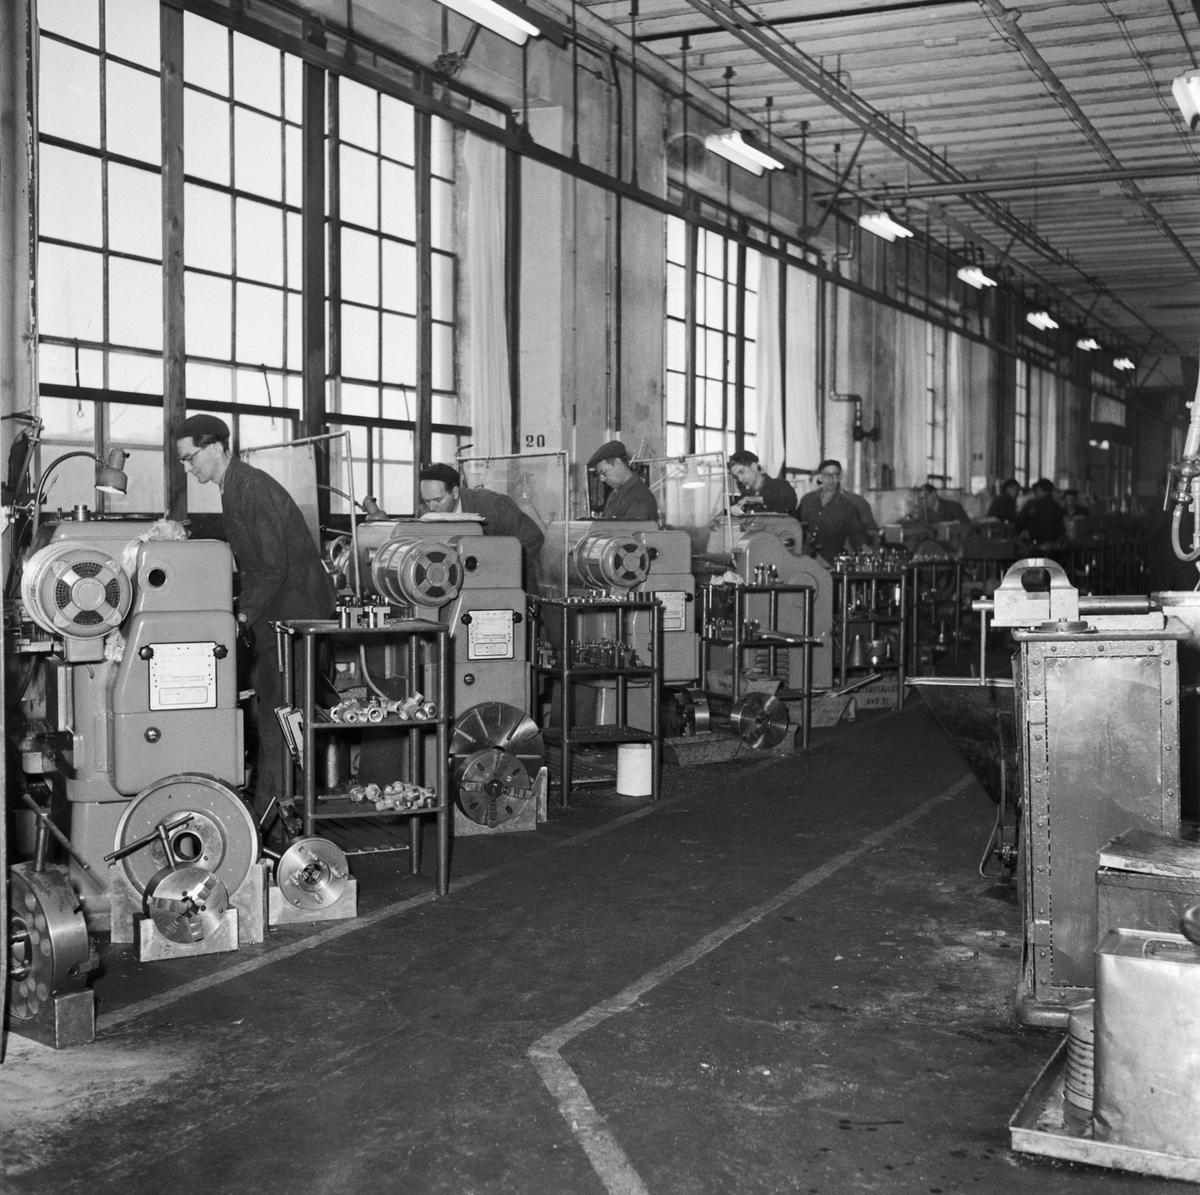 Övrigt: Foto datum: Feb 1958 Byggnader och kranar Radialborrmaskin olika arbete i maskinverkstan. Närmast identisk bild: V14522 och V14523, ej skannade